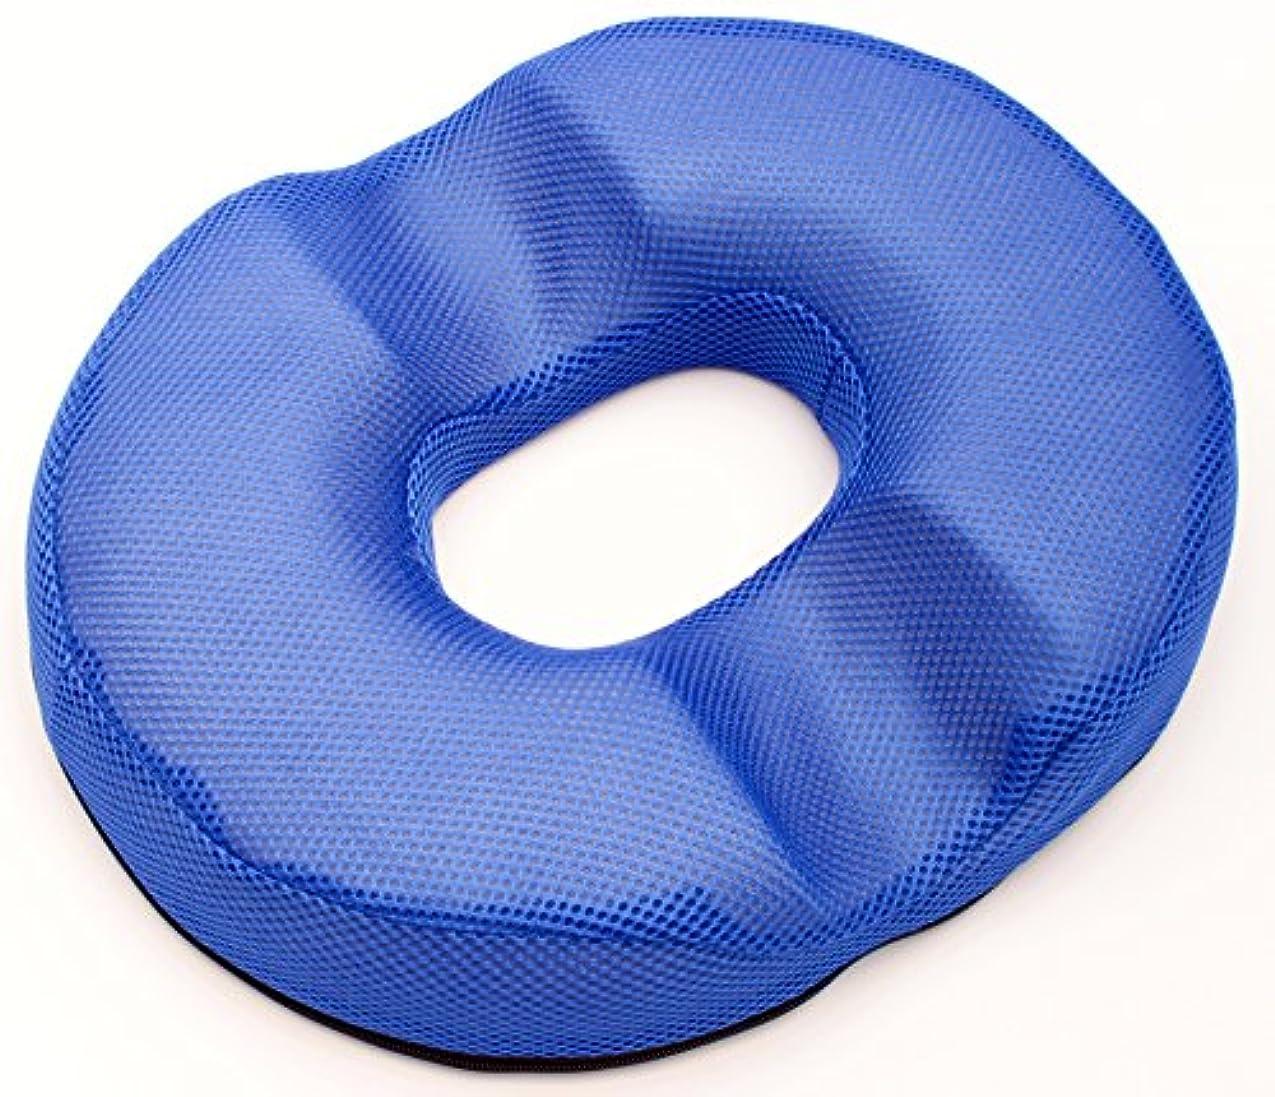 リスナーランドマークあたり円座 ちょっと硬め ドーナツ型 クッション メッシュ?スウェード (ブルー(ダブル溝))